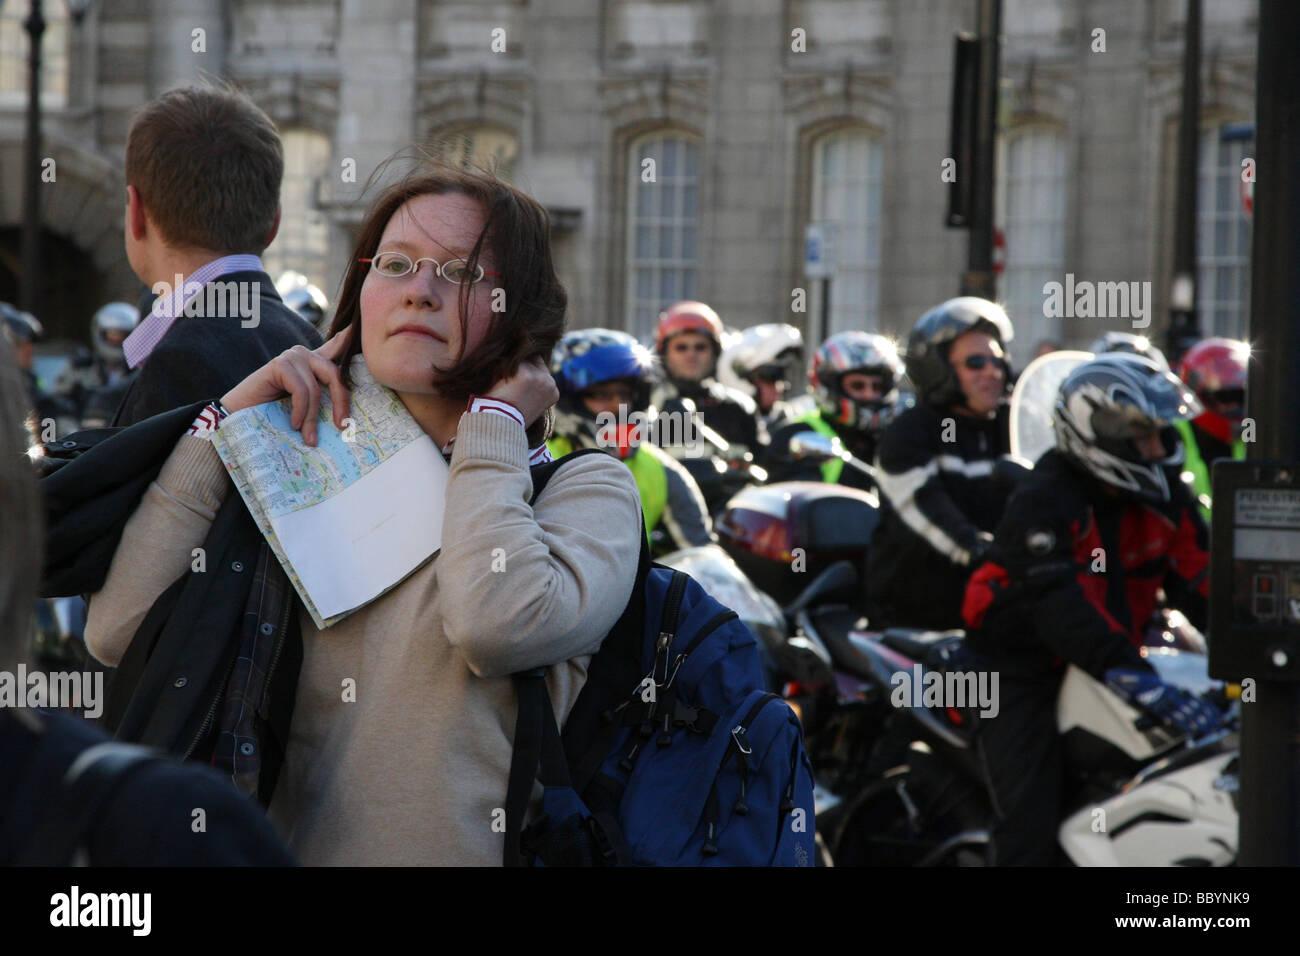 Blocchi di donna le sue orecchie dal suono di motocicli giri. Questa è stata presa il giorno di una protesta Immagini Stock